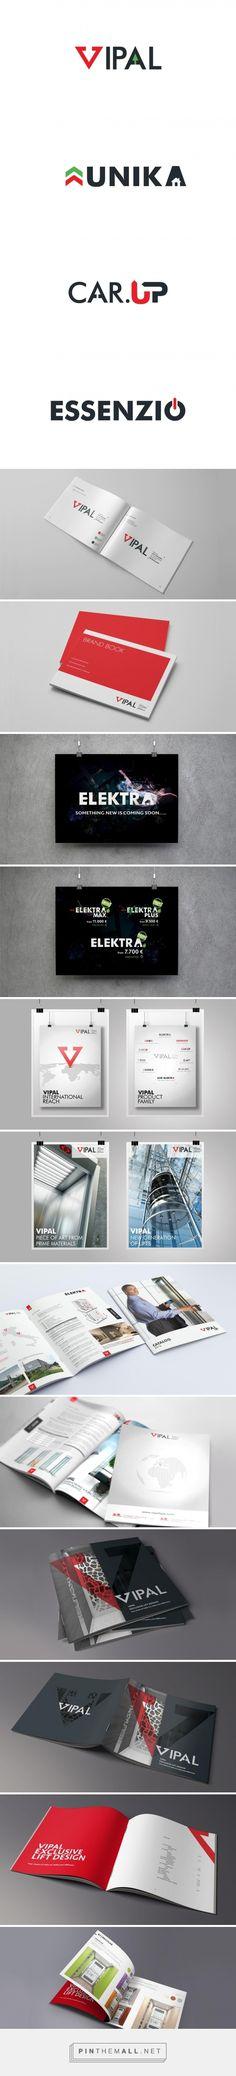 Visual brand identity for Vipal made by PINKPIN (Izabela Matuszewska) - created via https://pinthemall.net